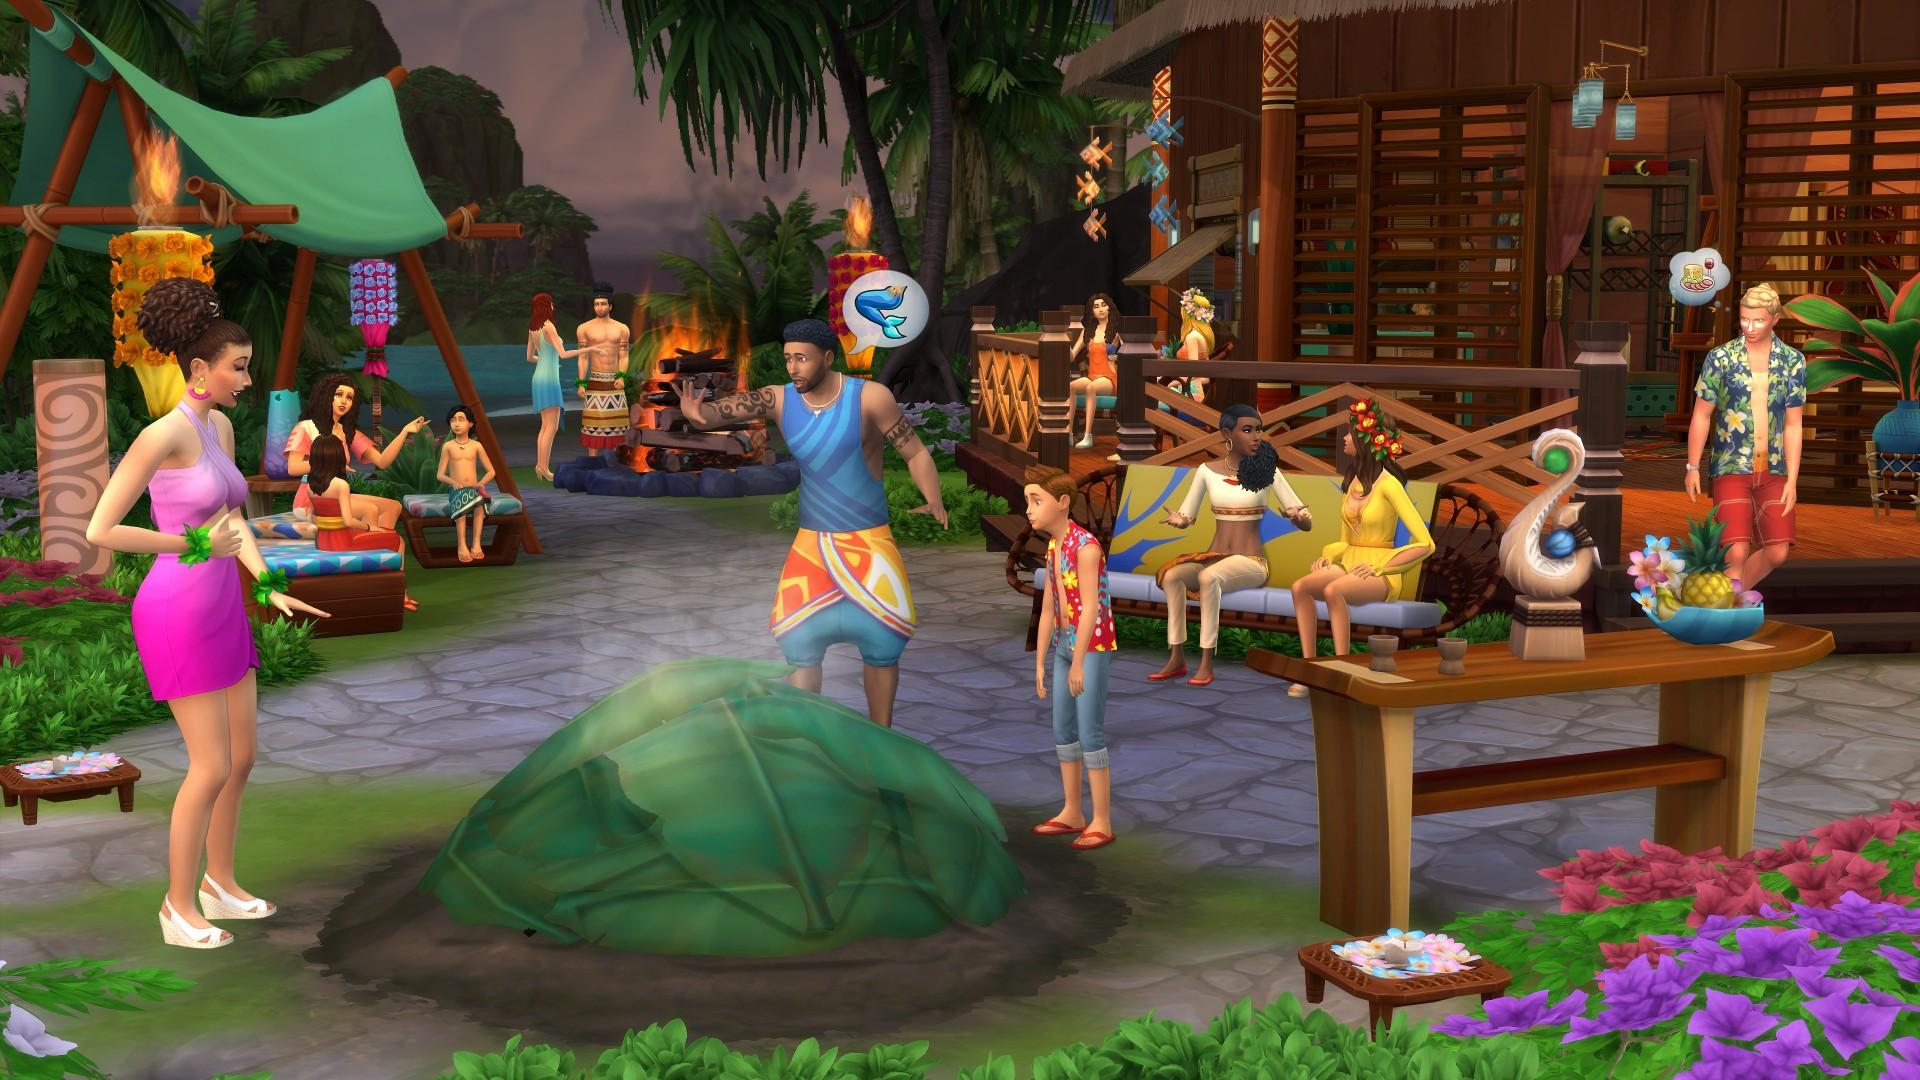 The Sims 4: Livet i tropene (PC)